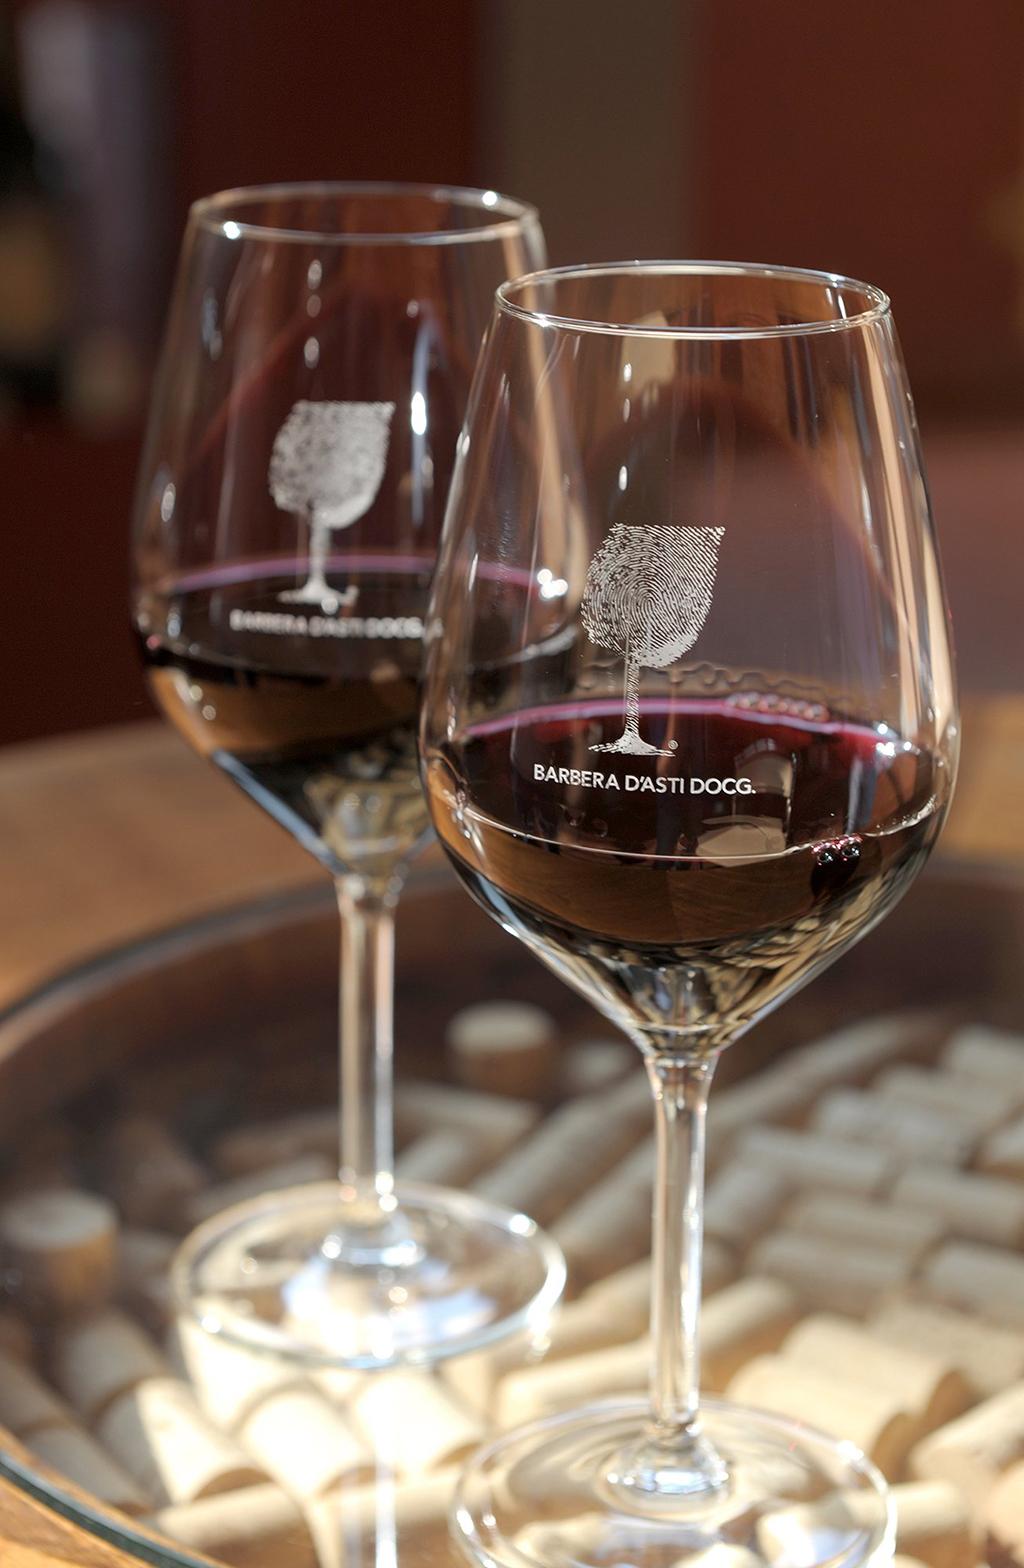 Glass of wine (Consorzio Barbera d'Asti e Vini del Monferrato)